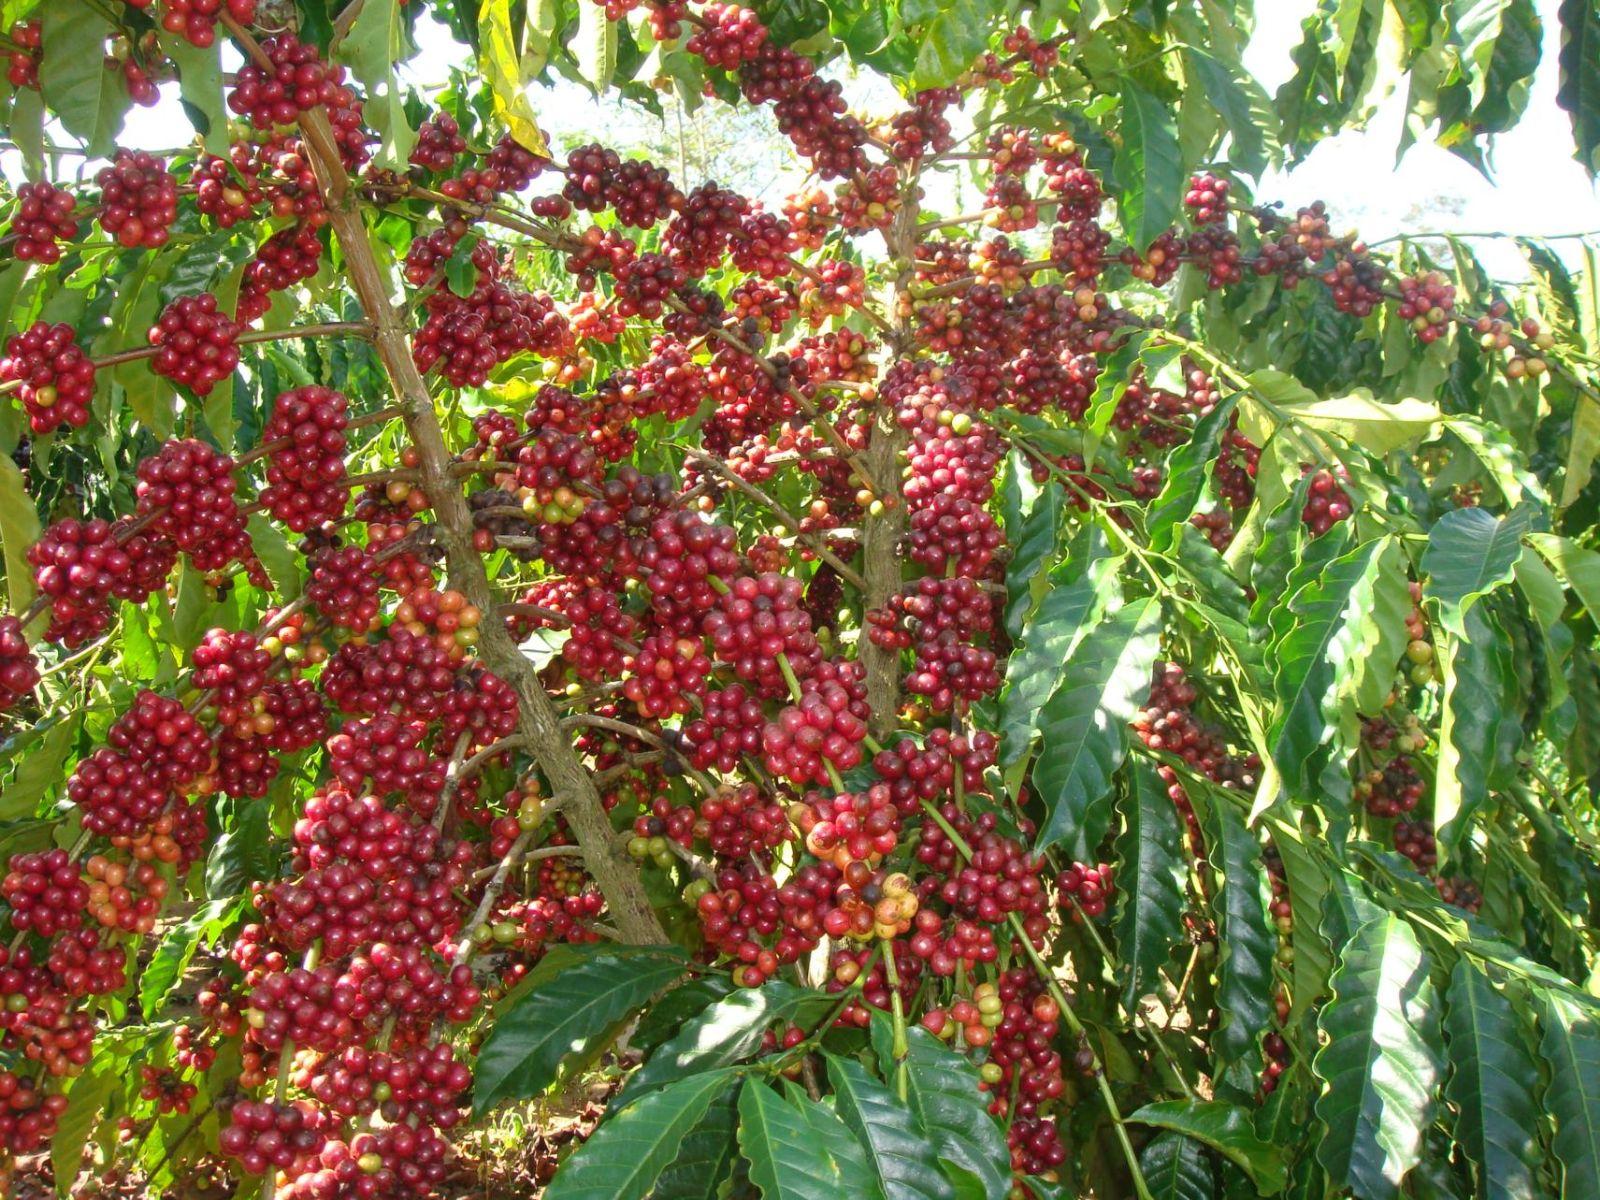 Lịch sử hình thành của cây cà phê ở Việt Nam nói chung và Tây Nguyên nói riêng